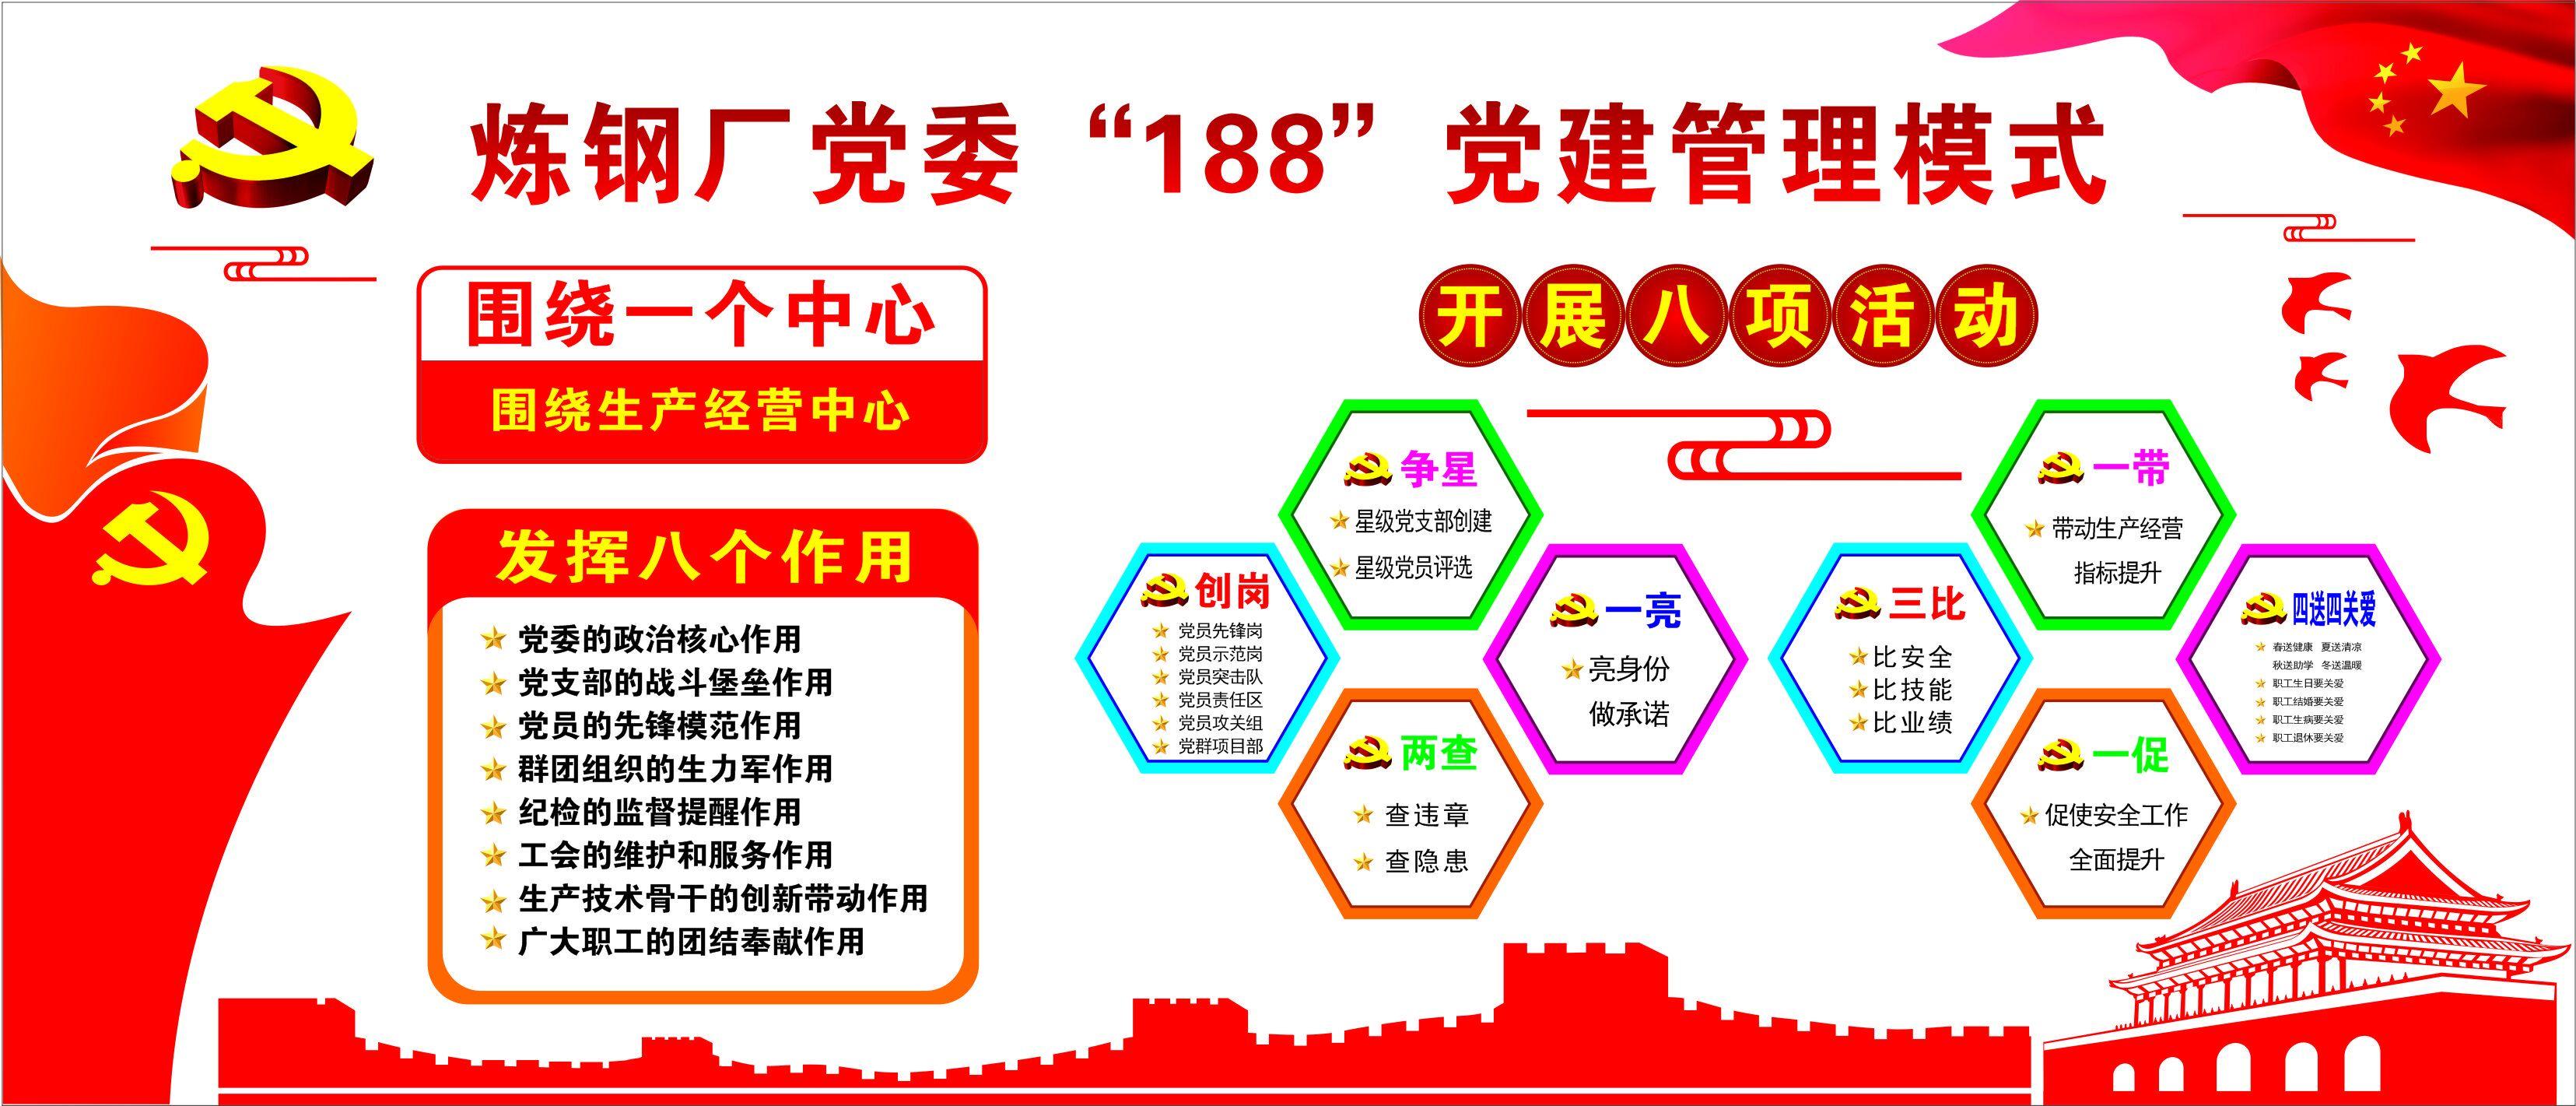 """【基层党建】""""188党建管理模式""""领航炼钢奏凯歌"""